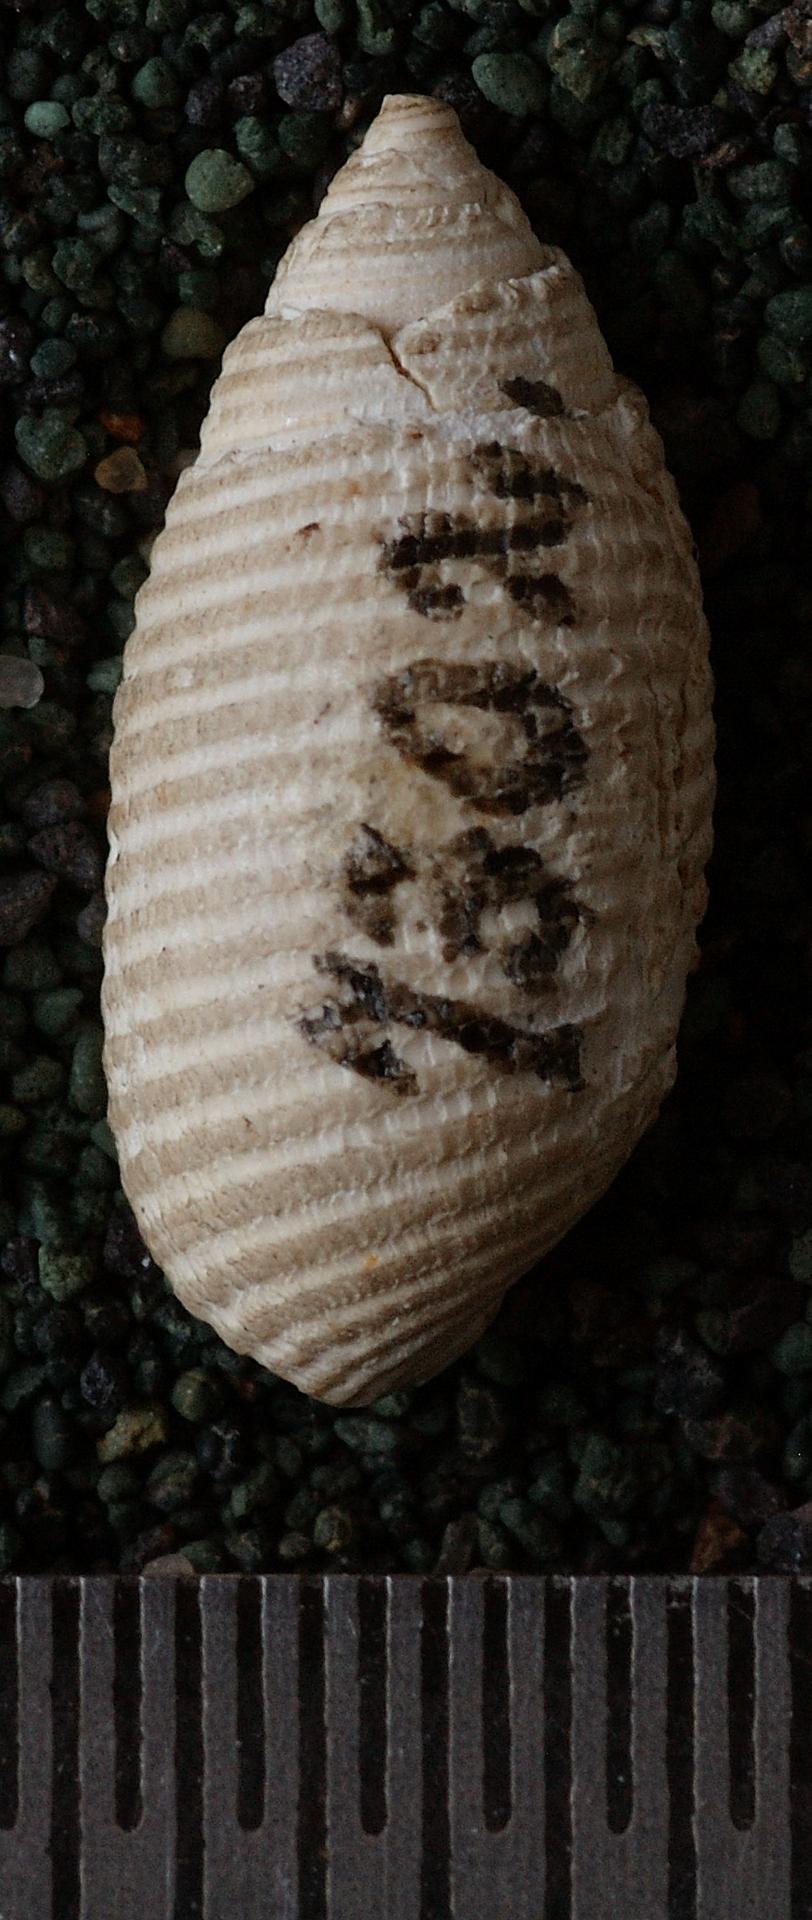 RGM.7302 | Pupa reticulata Martin, 1884